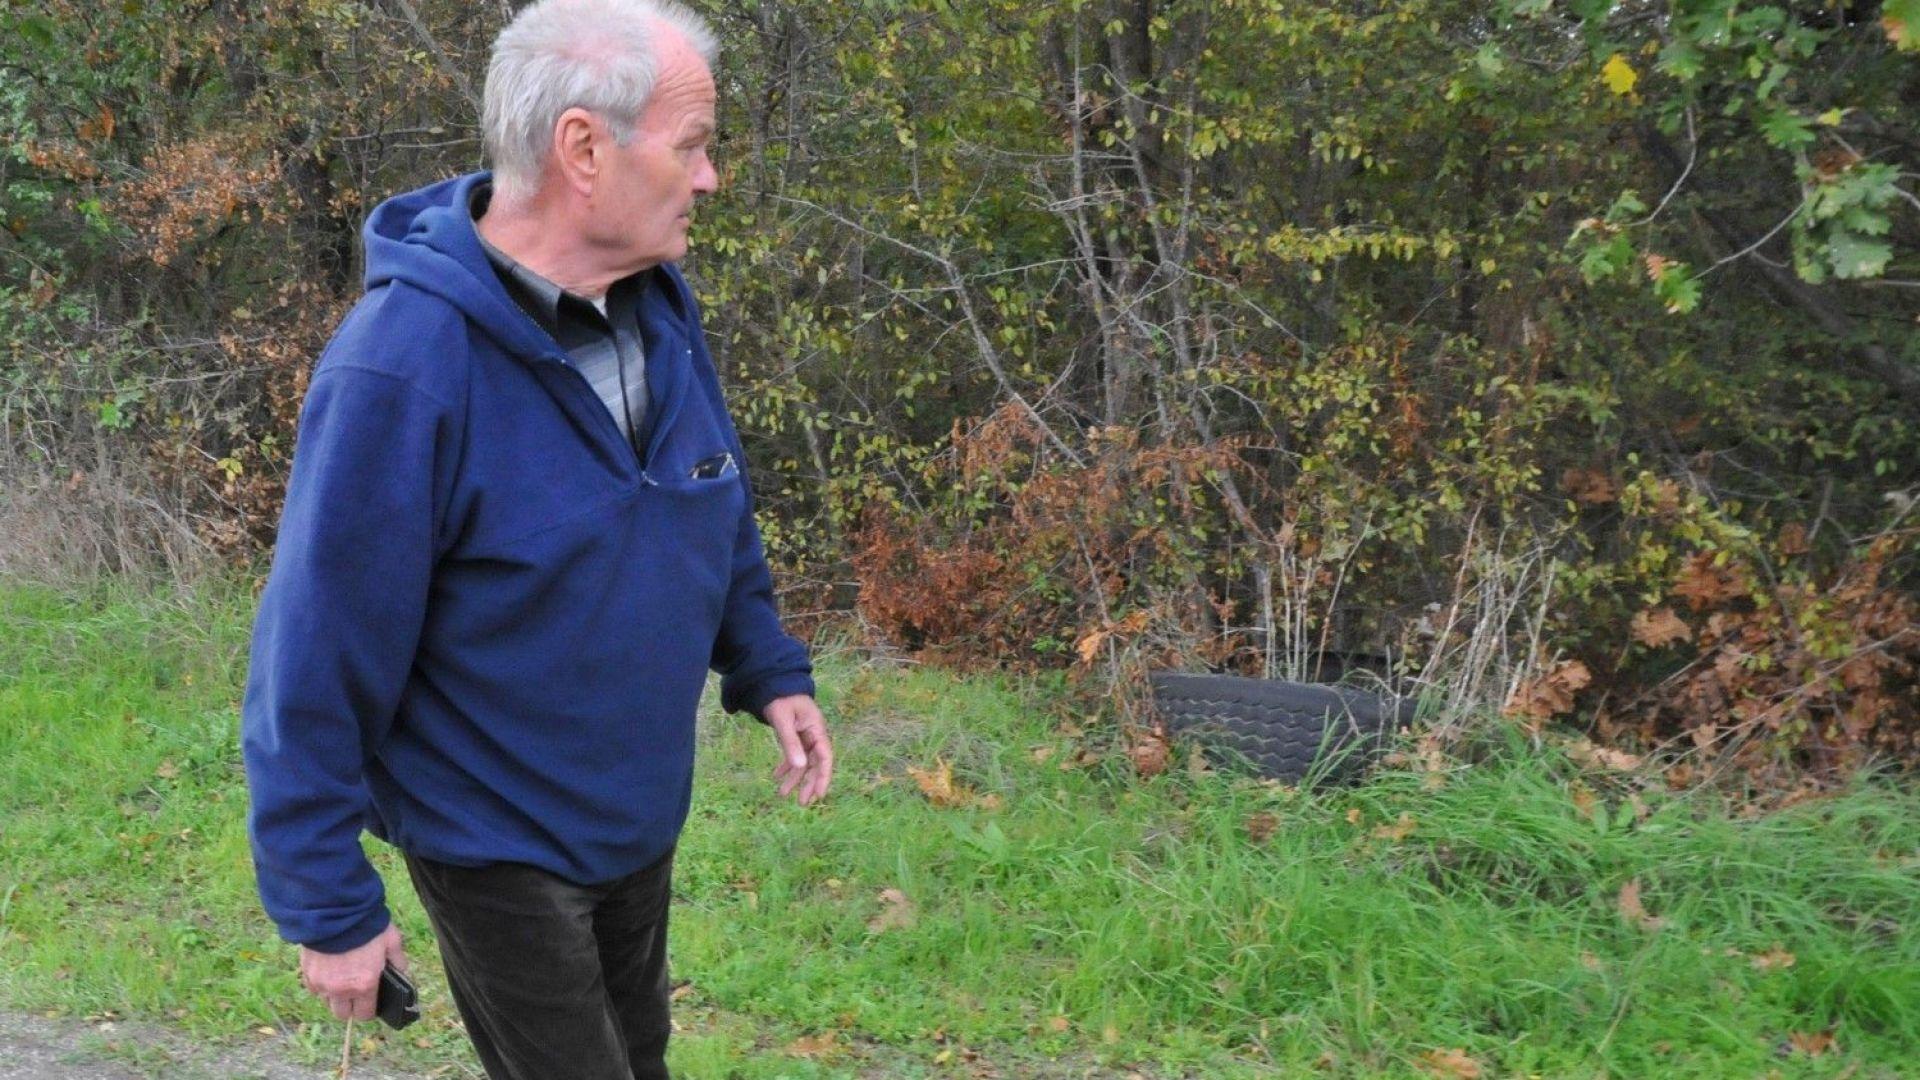 Издирват руснак за убийството край Ченгене скеле